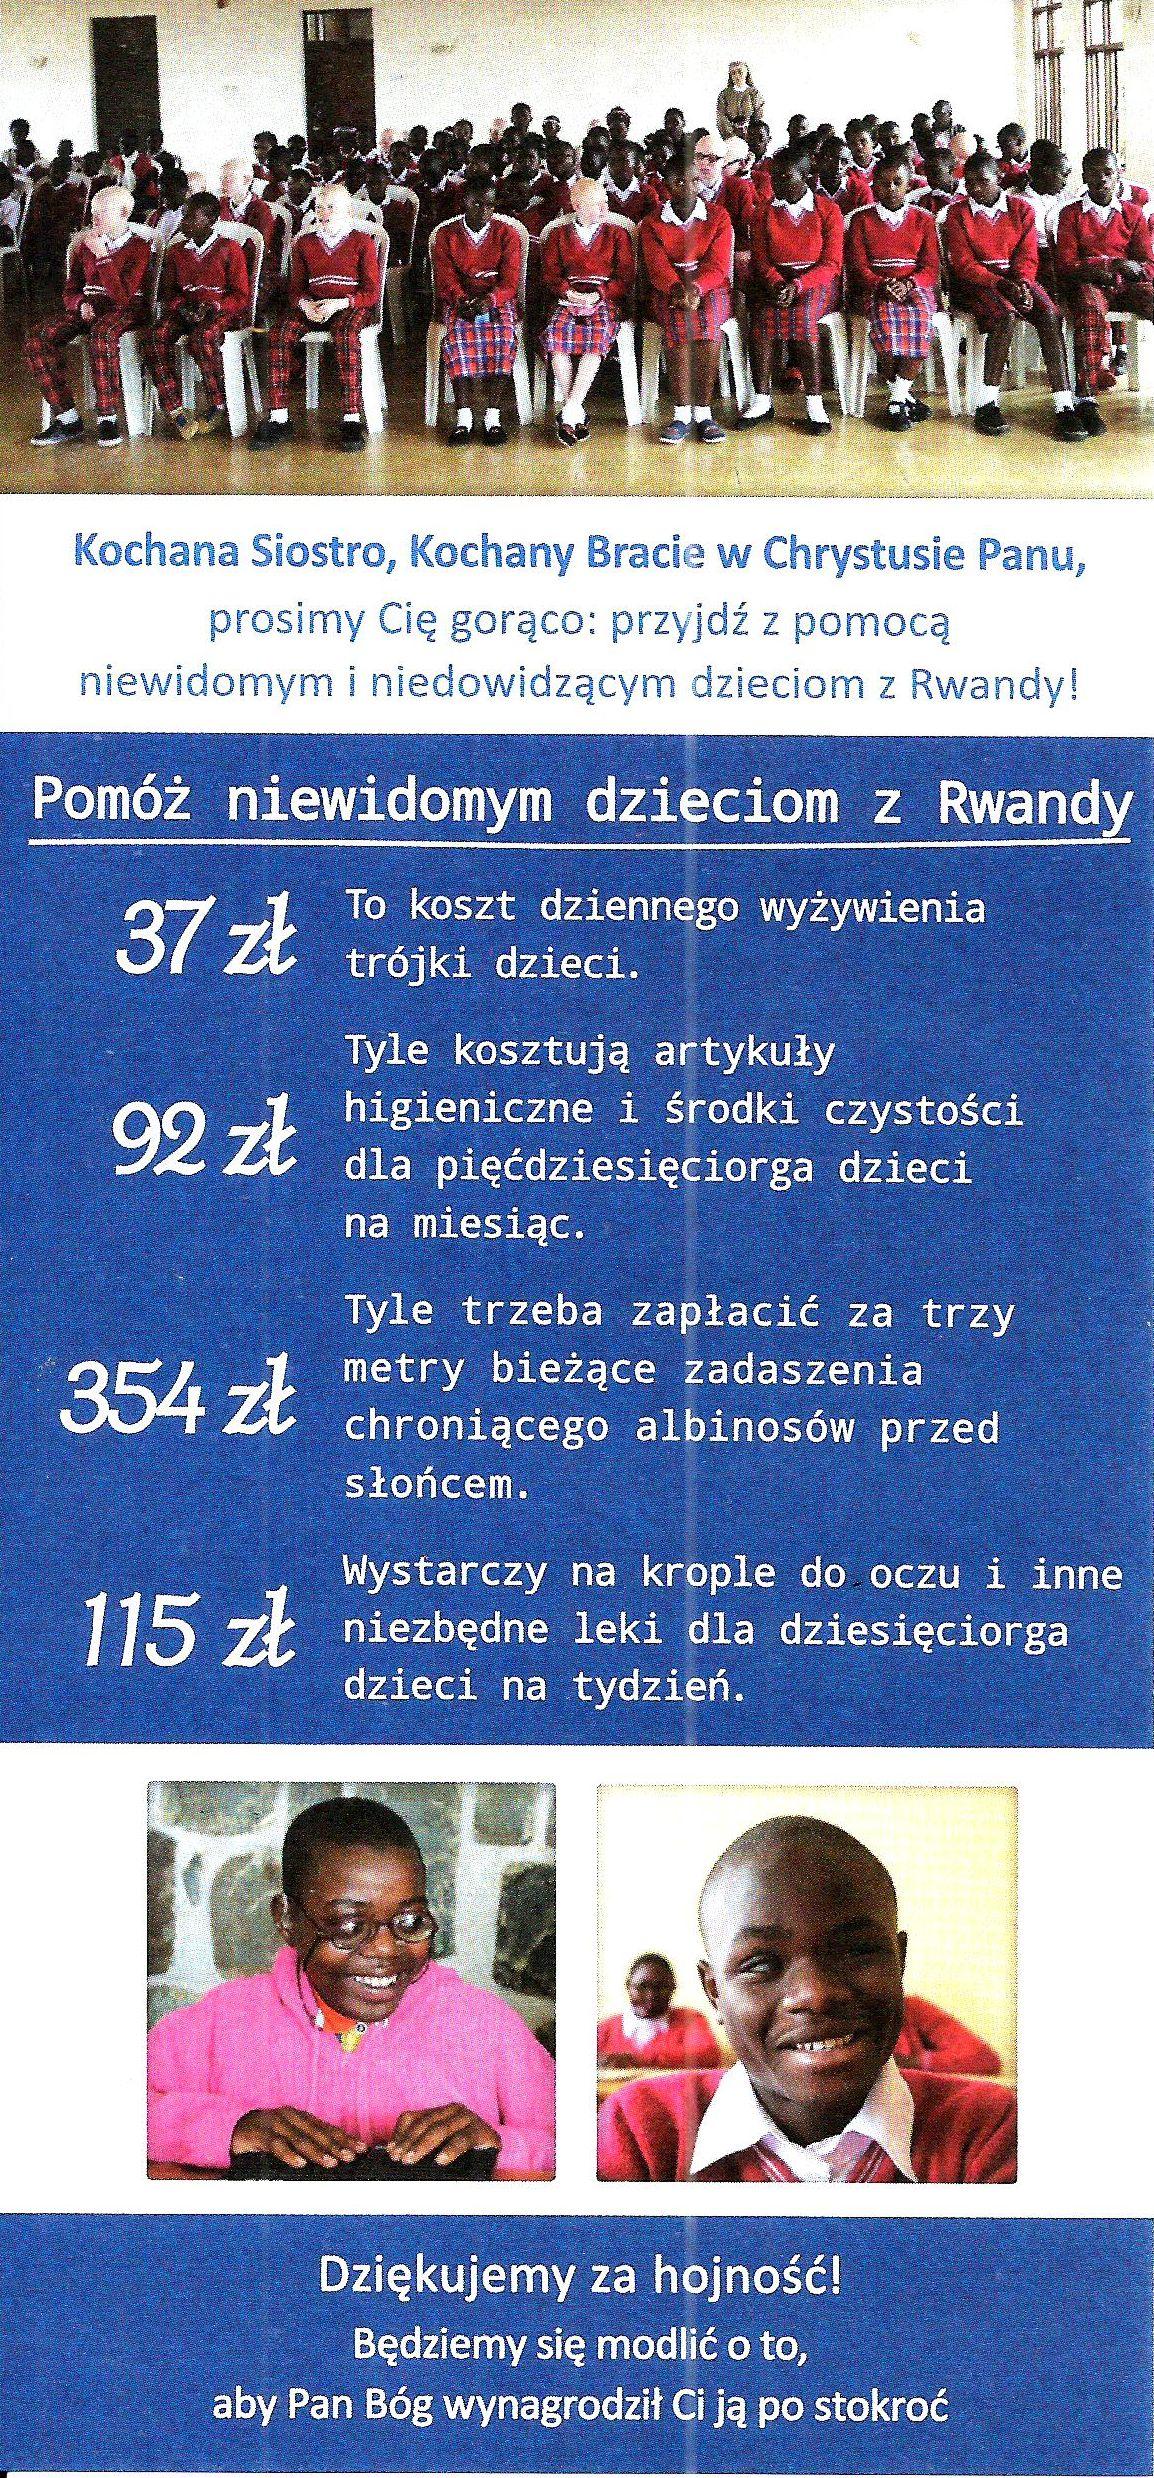 4. plakietka